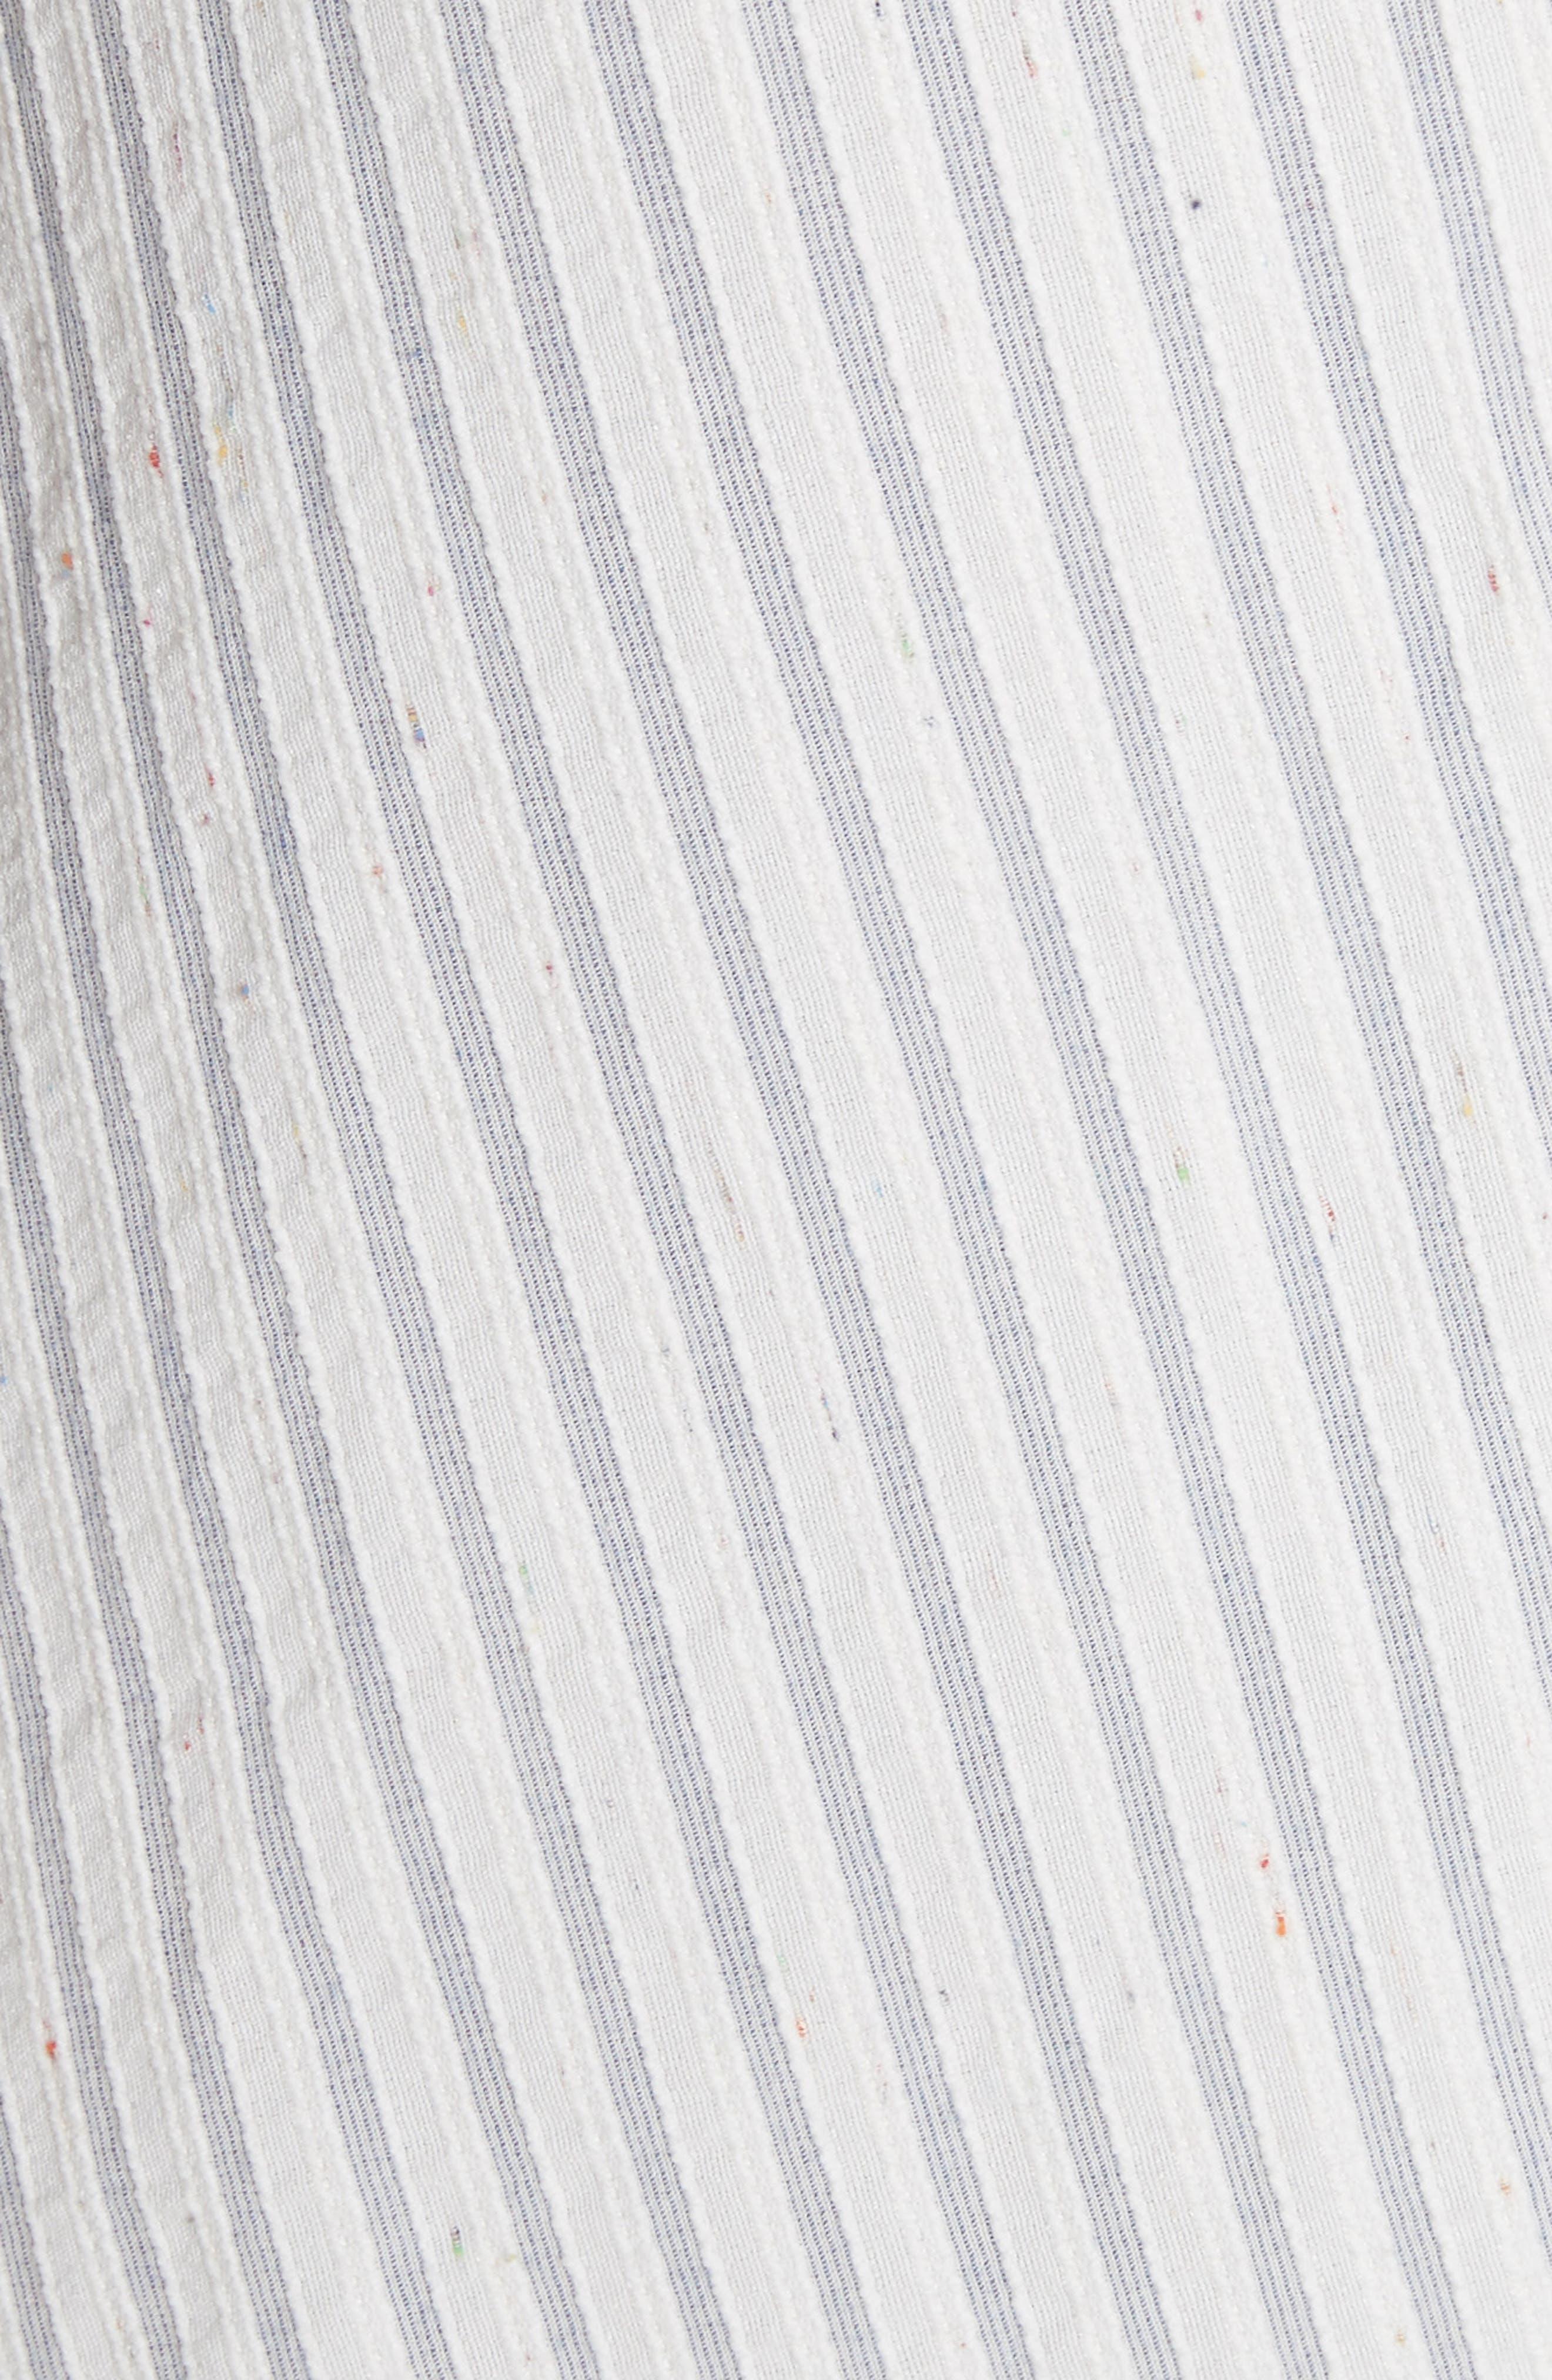 Ruffled Stripe Midi Dress,                             Alternate thumbnail 5, color,                             Blue Combo